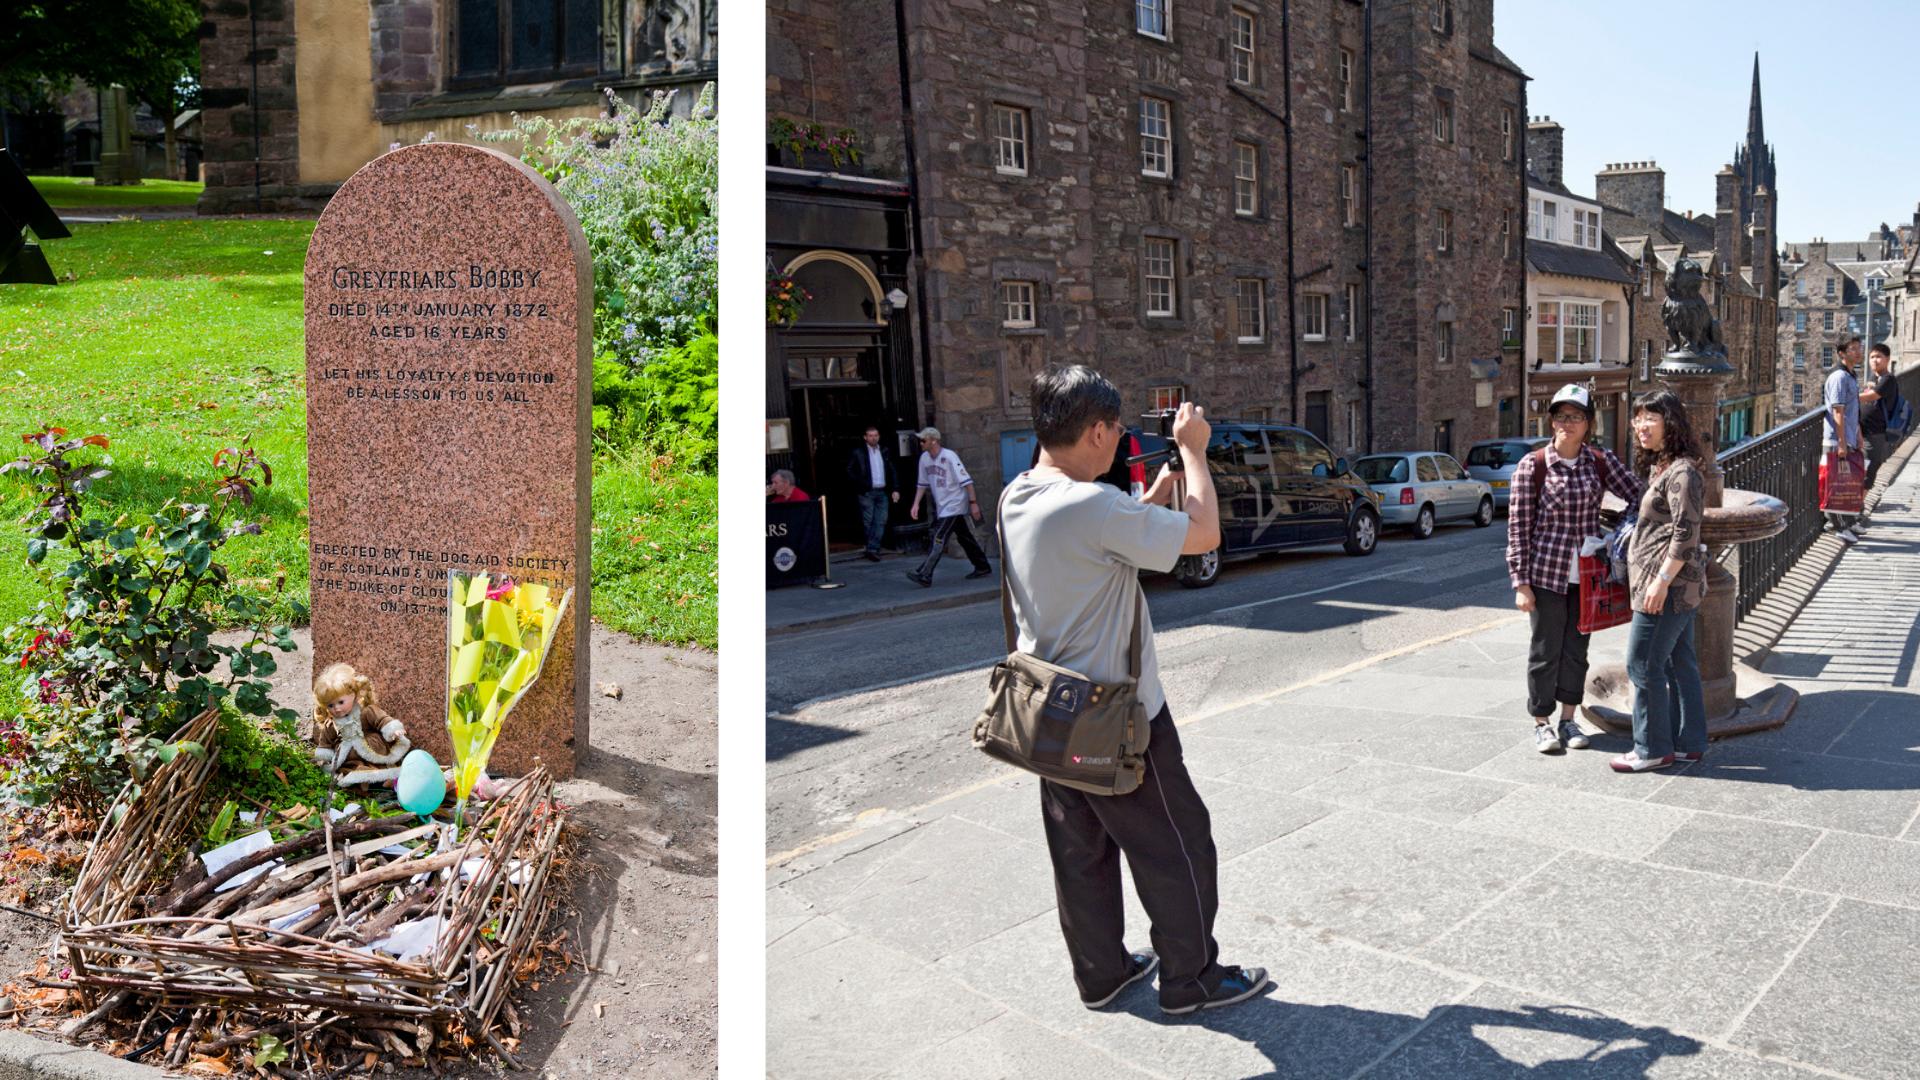 montage de la tombe (à gauche) et de la statue (à droite) de Greyfriars Bobby